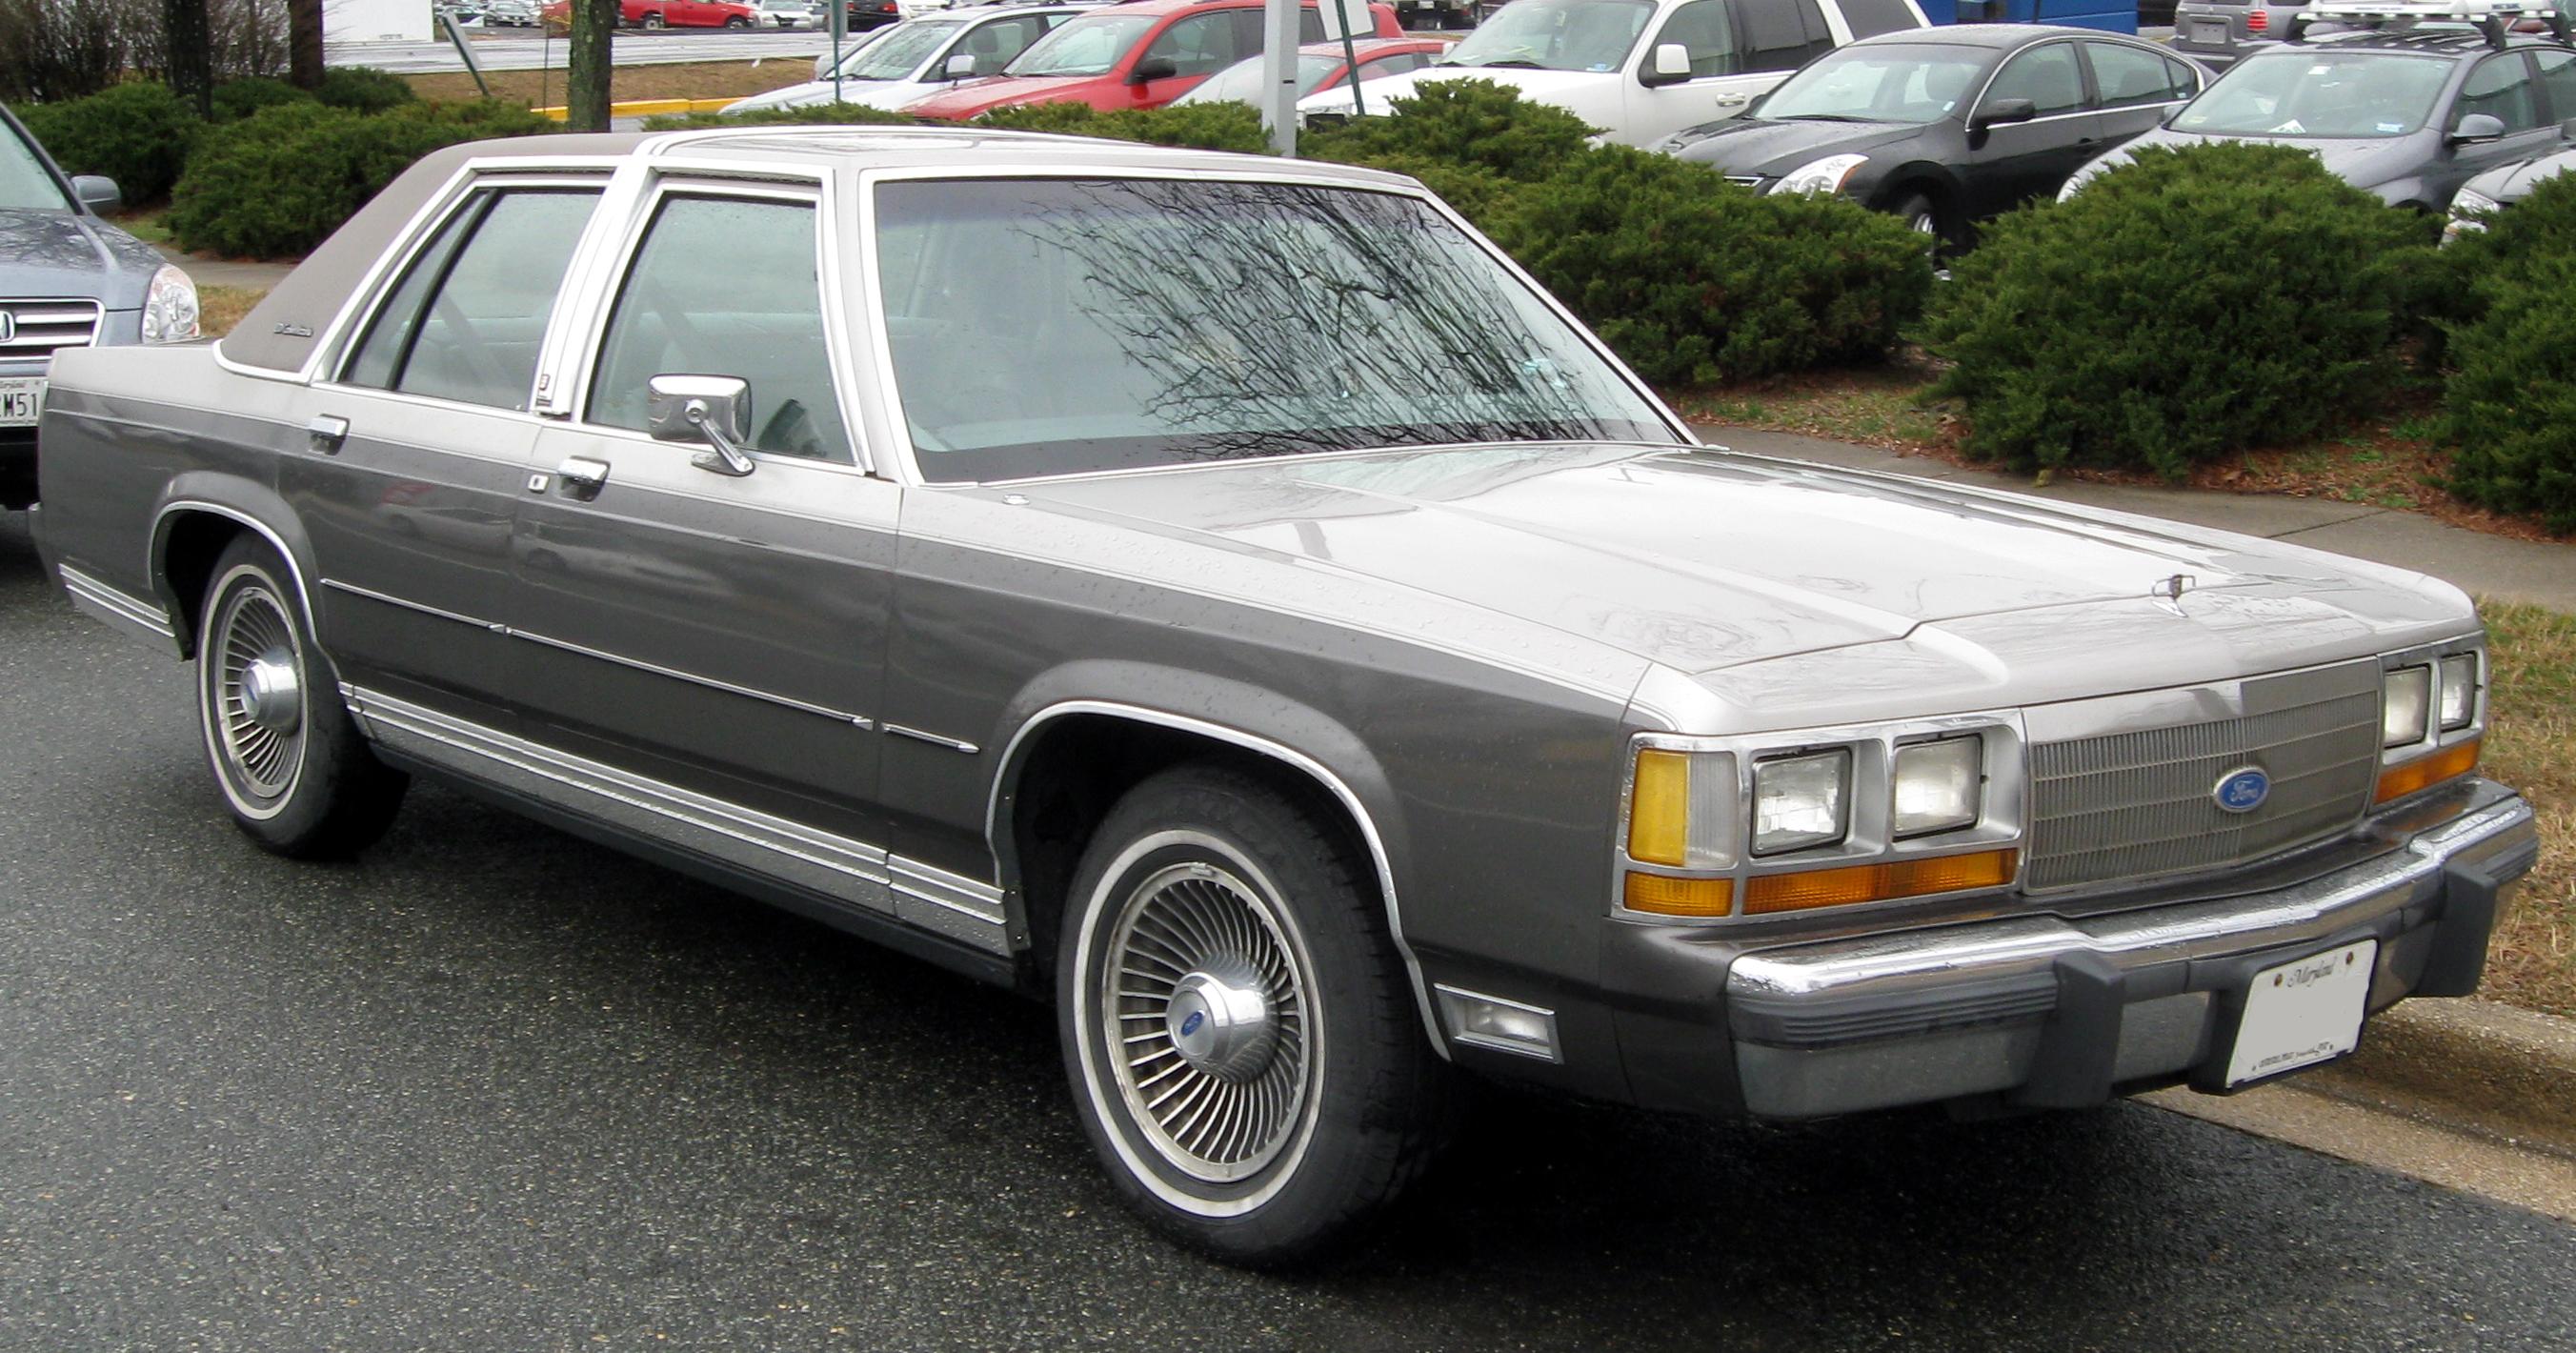 Ford_LTD_Crown_Victoria_--_02-29-2012.JP